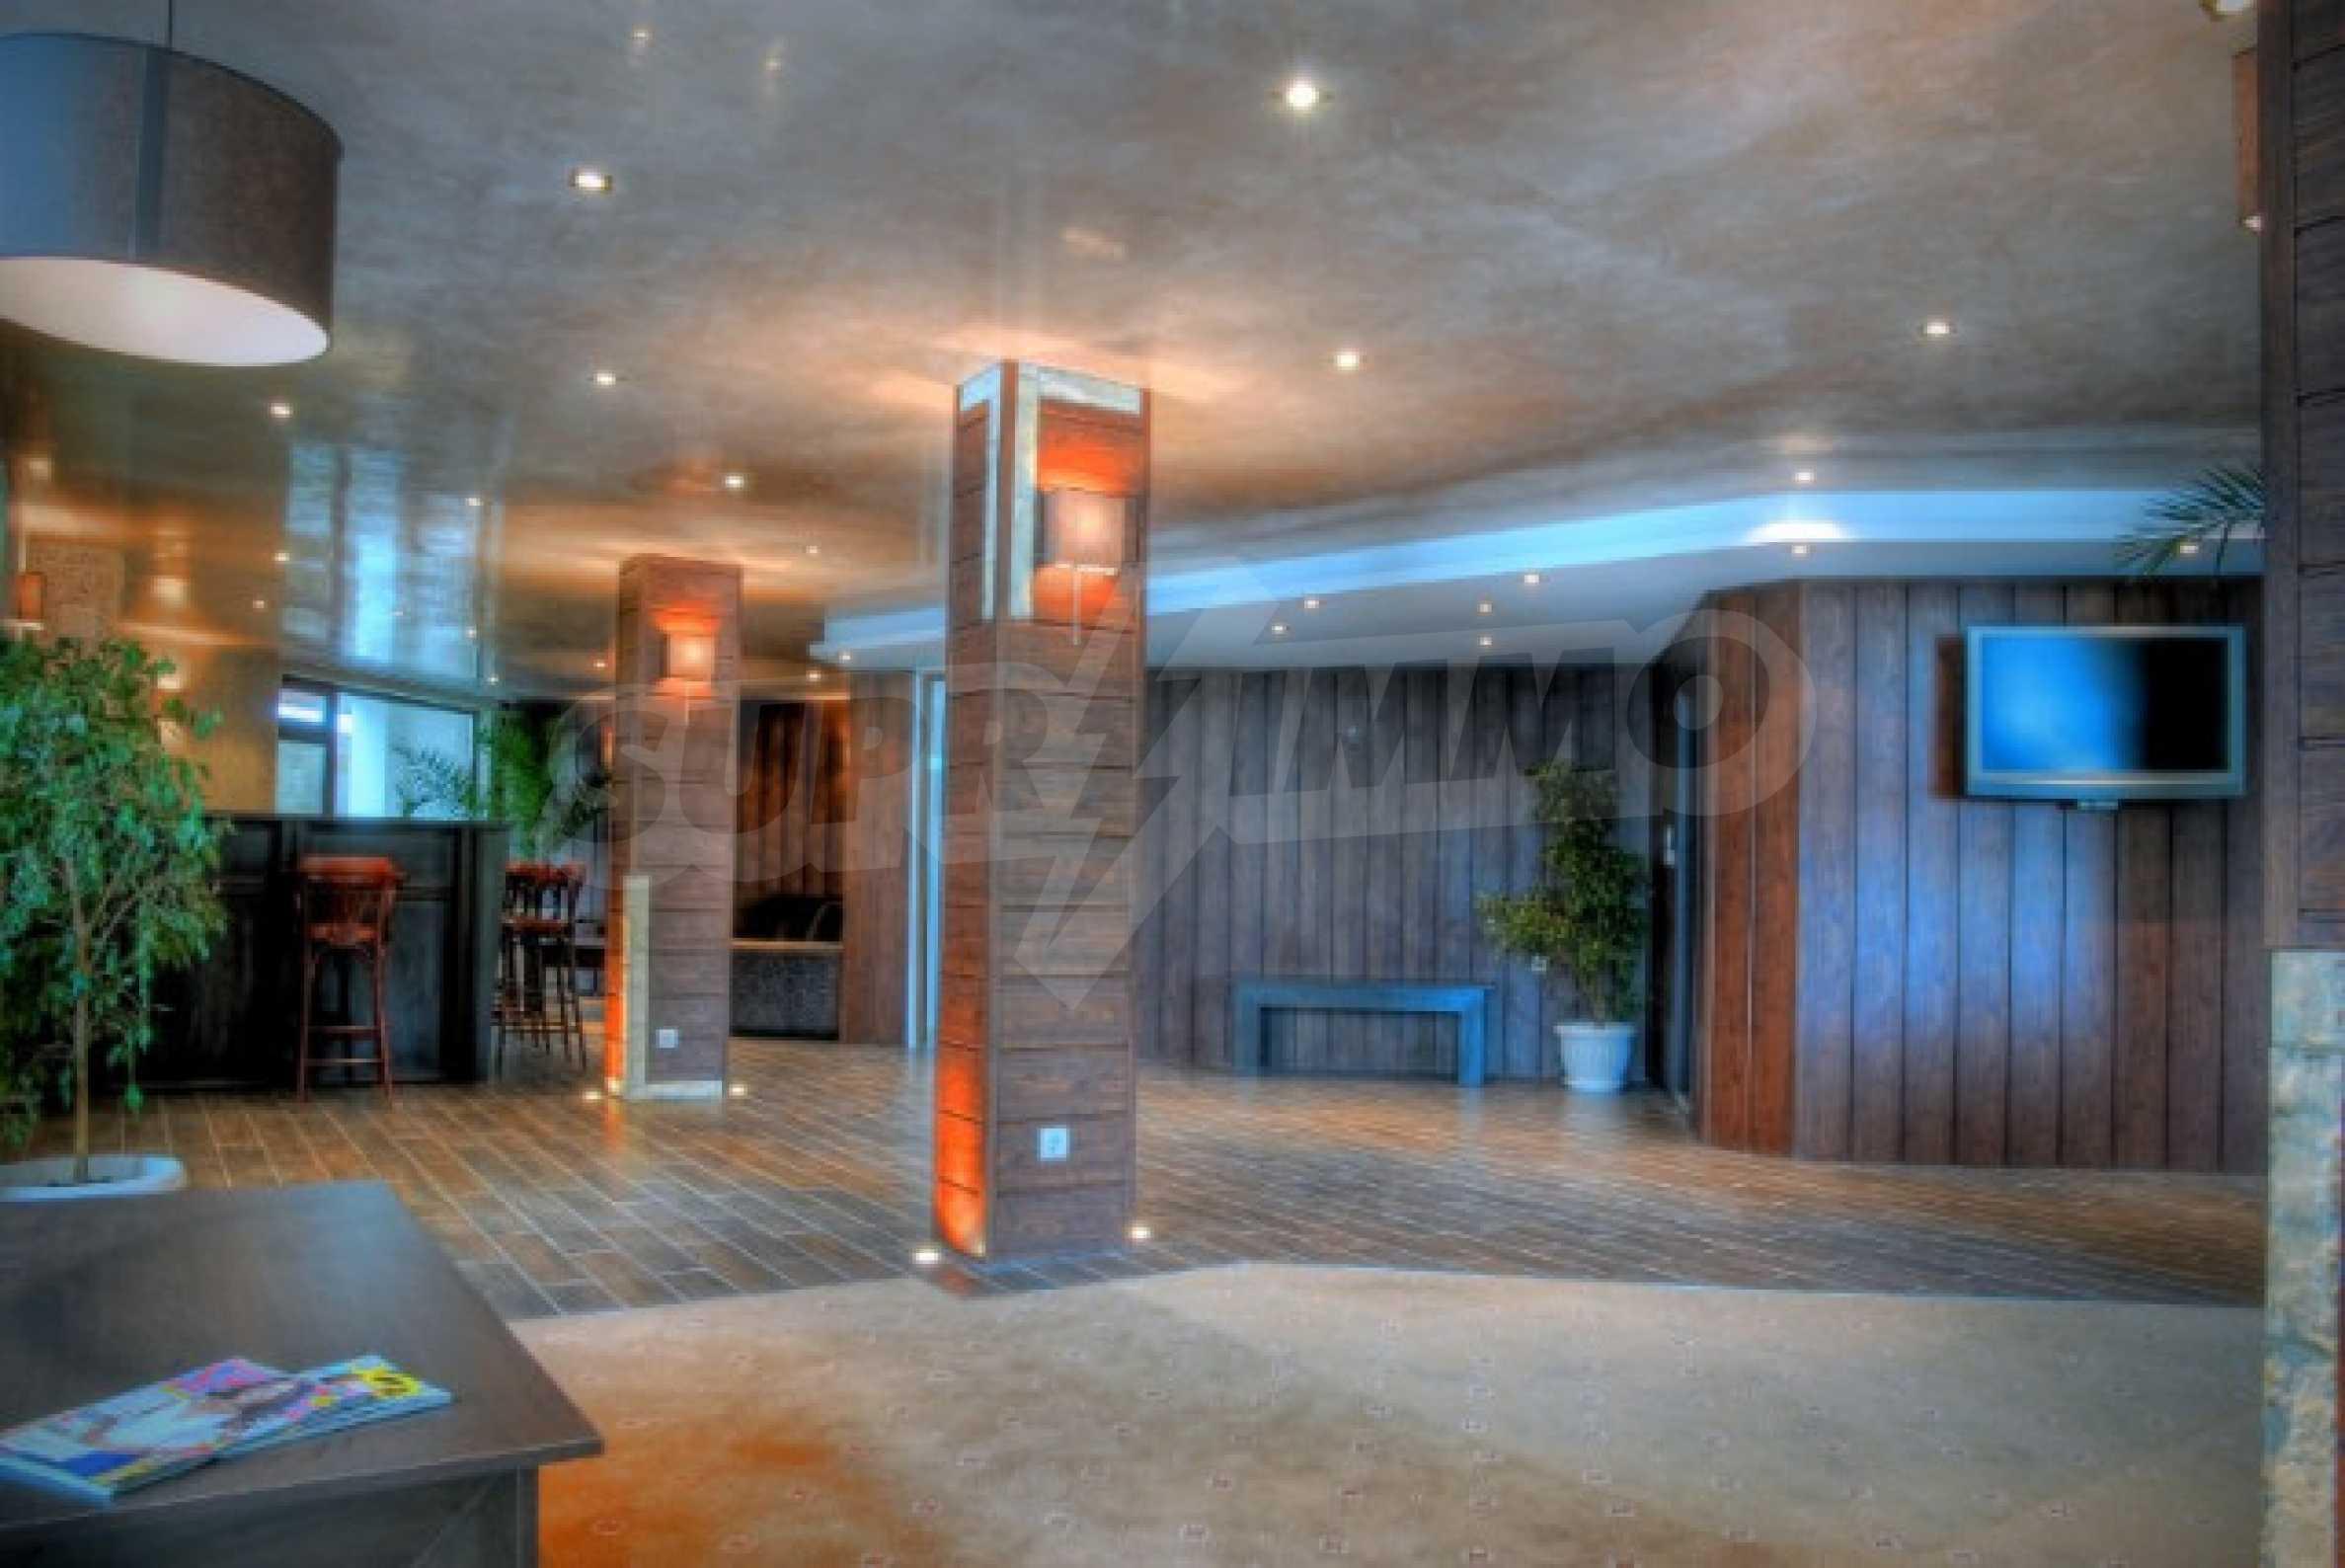 Апартаменти на атрактивни цени в планински ваканционен комплекс в Пампорово 11